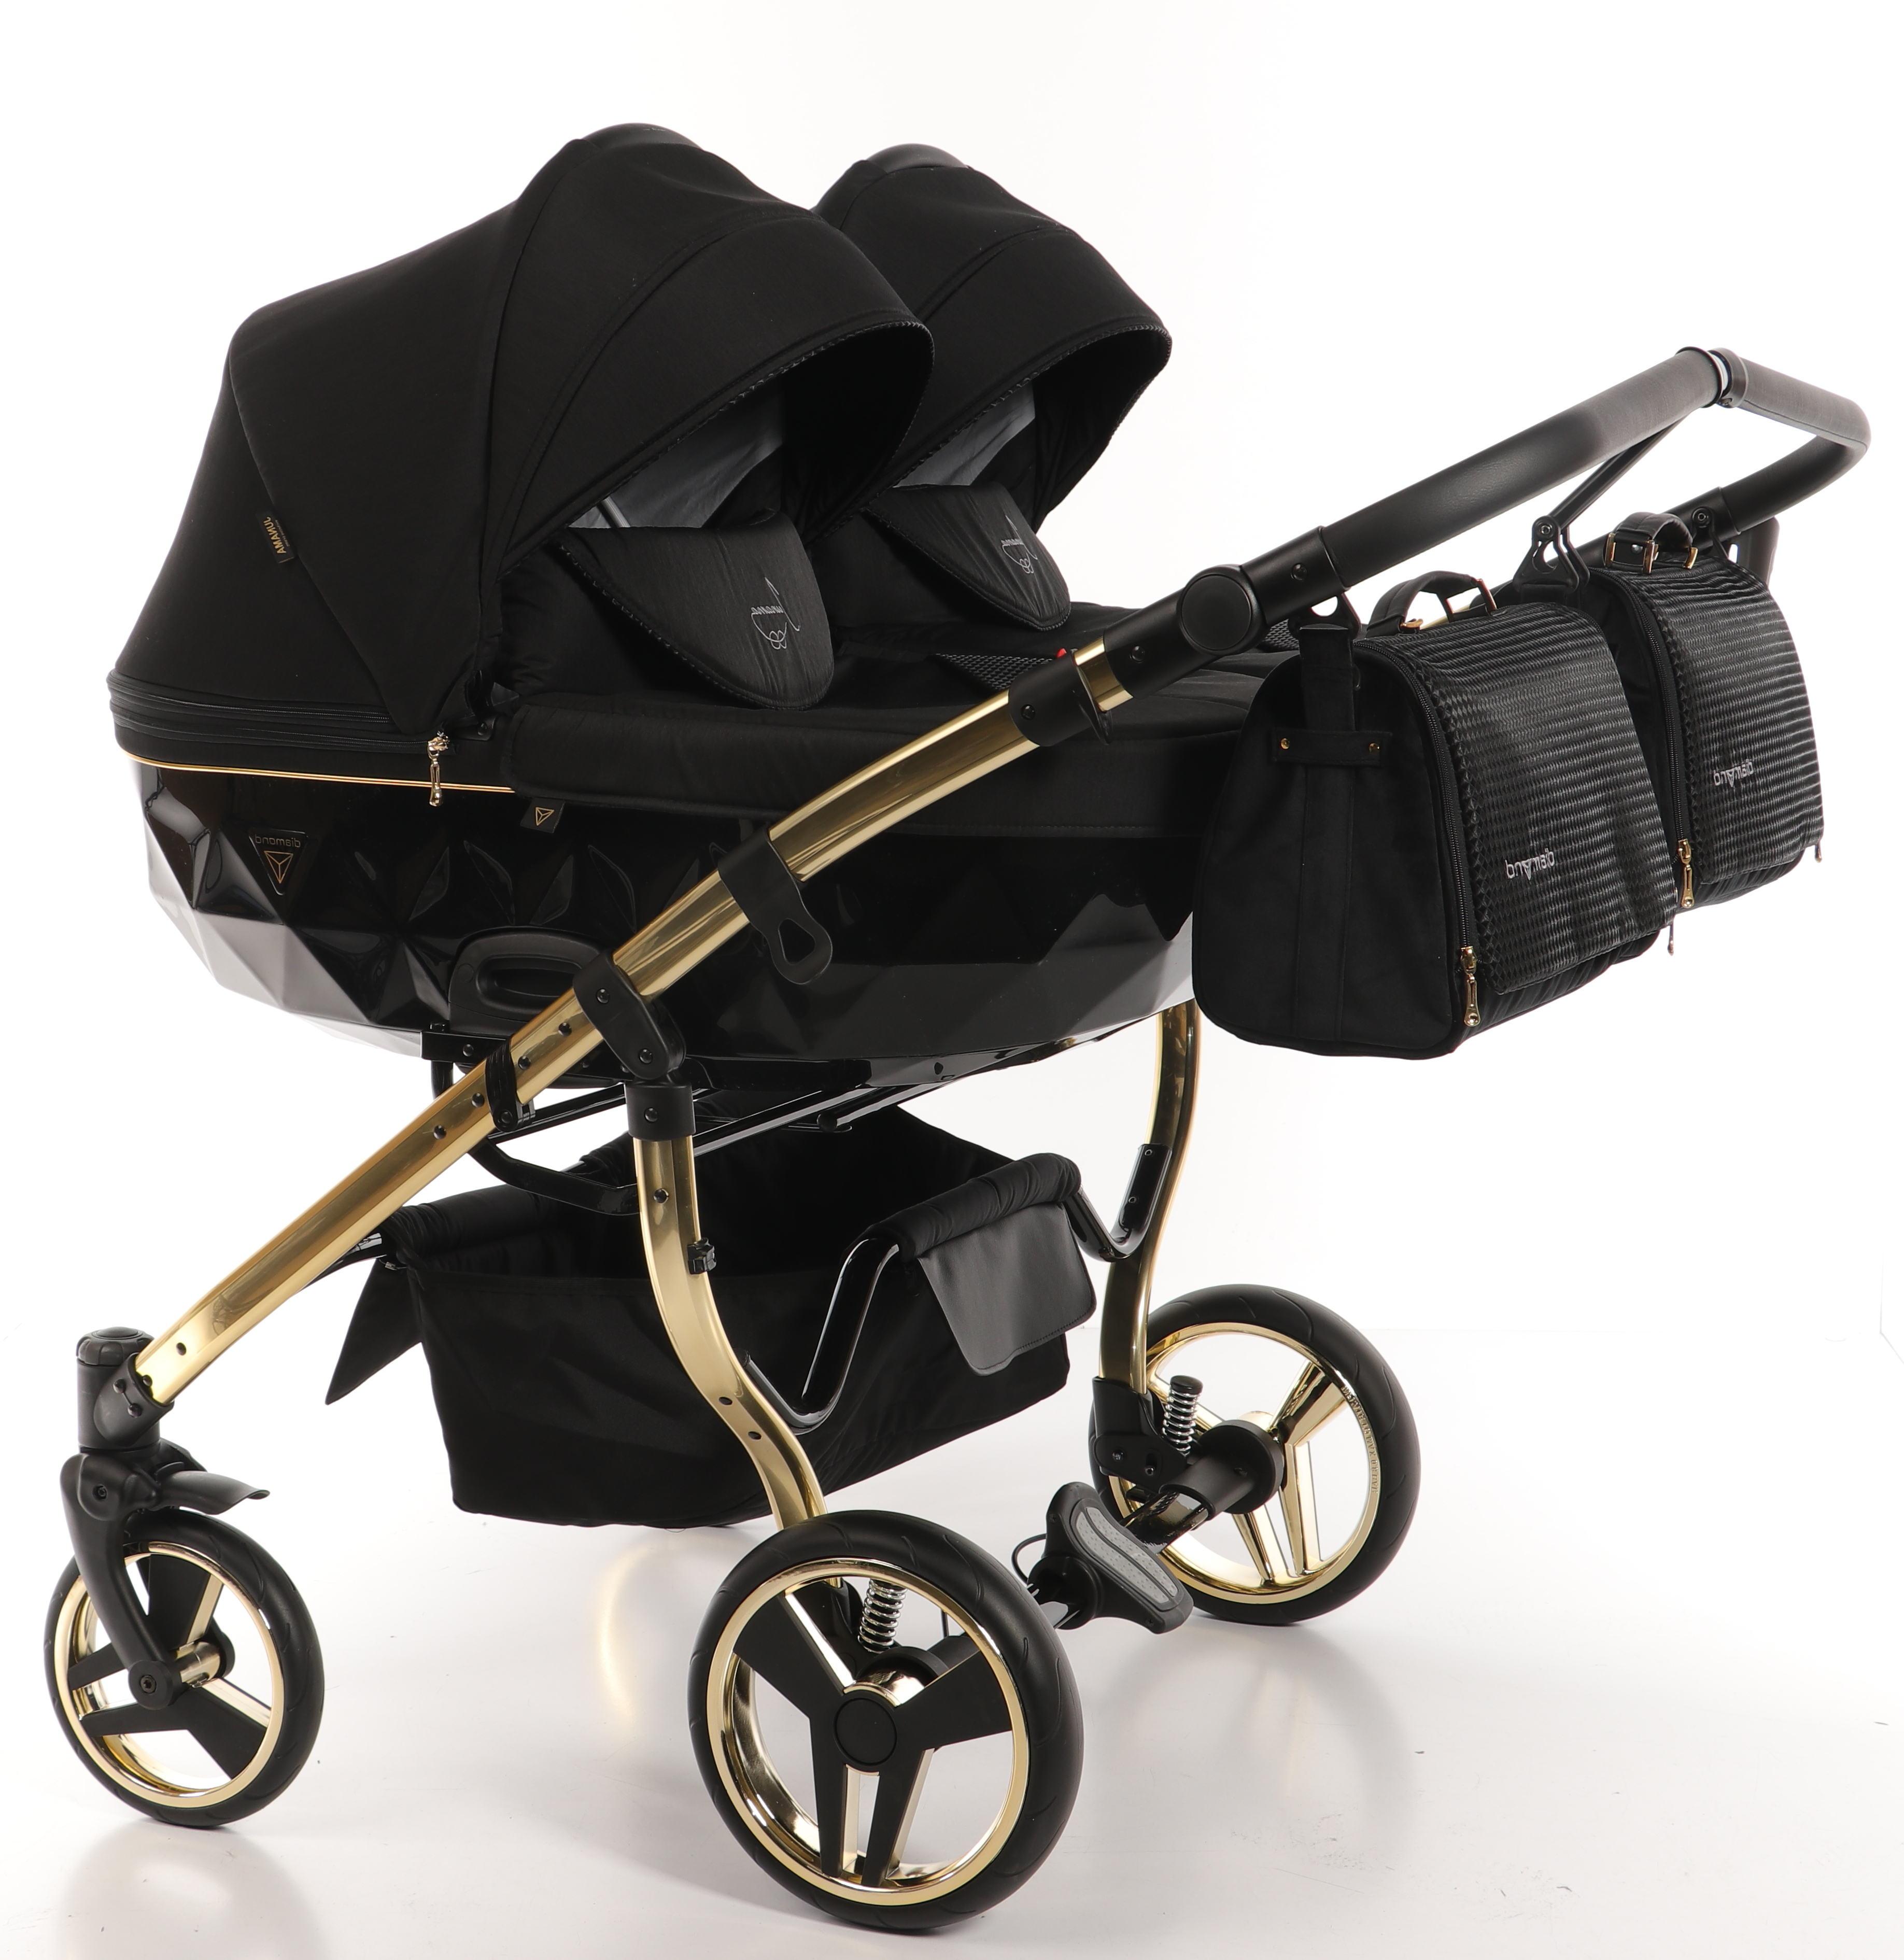 wózek bliźniaczy Junama Diamond S Line Duo wielofunkcyjny głęboko spacerowy Dadi Shop elegancki